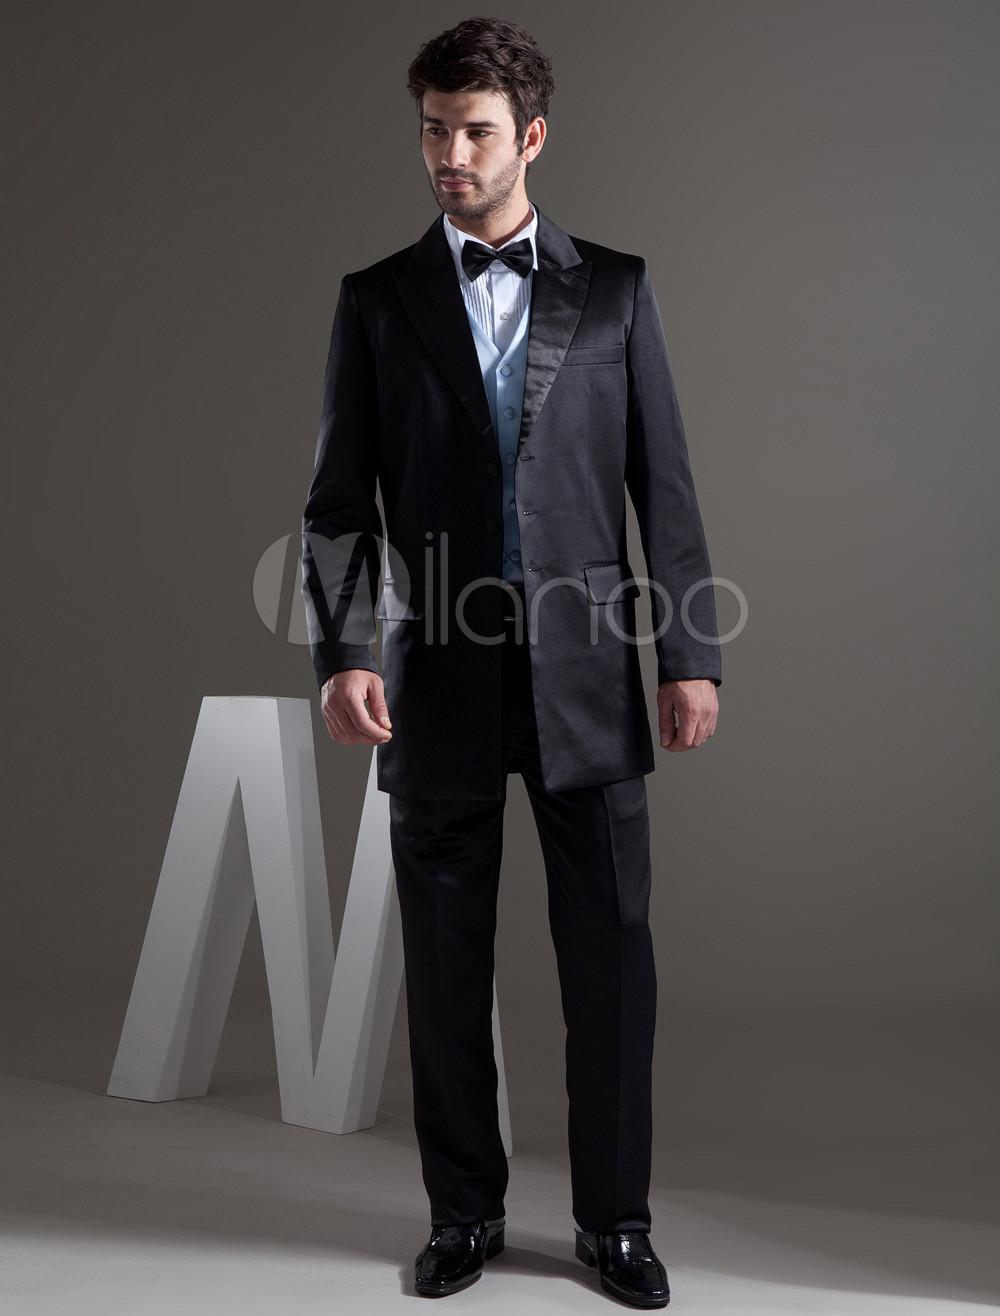 d9fd5432d6542 新郎スーツ メンズフォーマル サテンファブリック 男性用 ブラック チョッキ&パンツ&ジャケット - Milanoo.jp